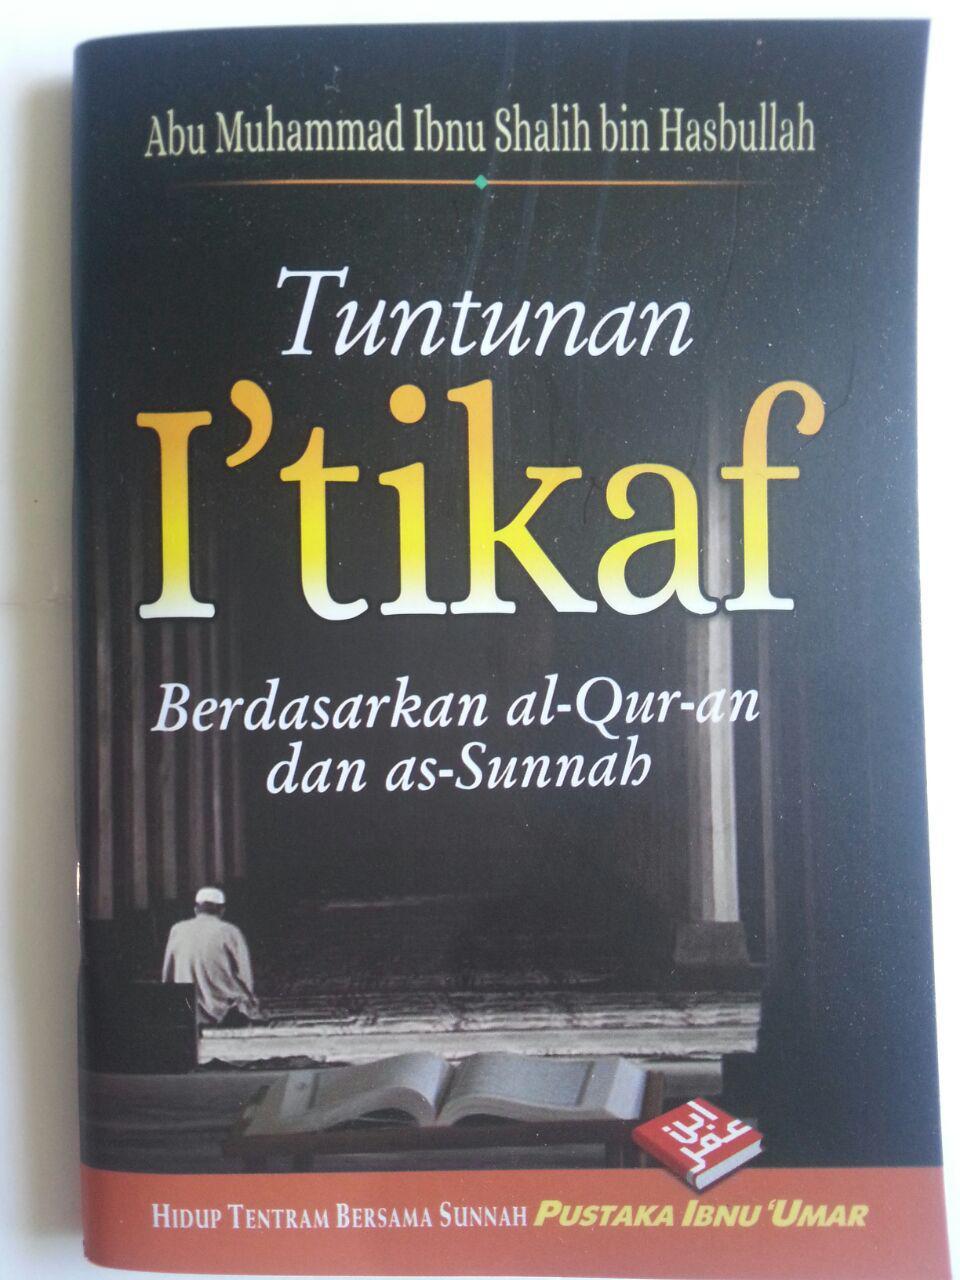 Buku Tuntunan I'tikaf Berdasarkan Al-Qur'an Dan As-Sunnah cover 2